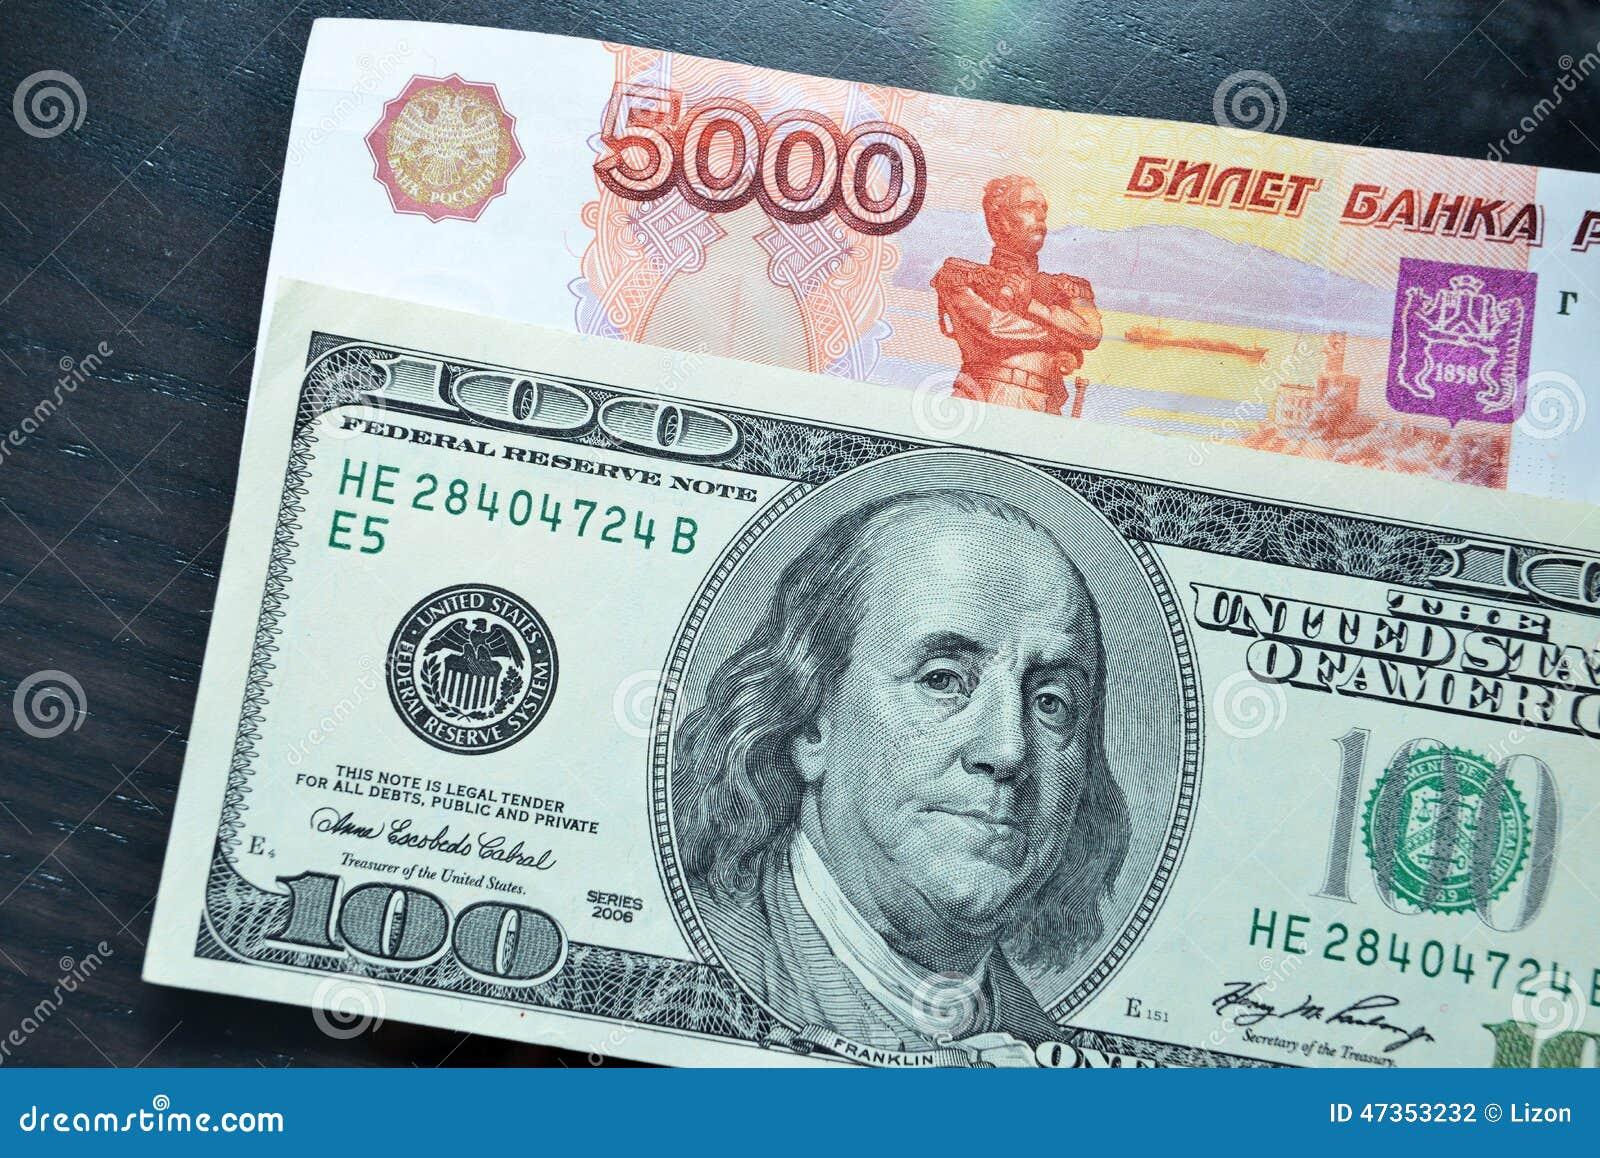 Russian Ruble (RUB) Conversion Table